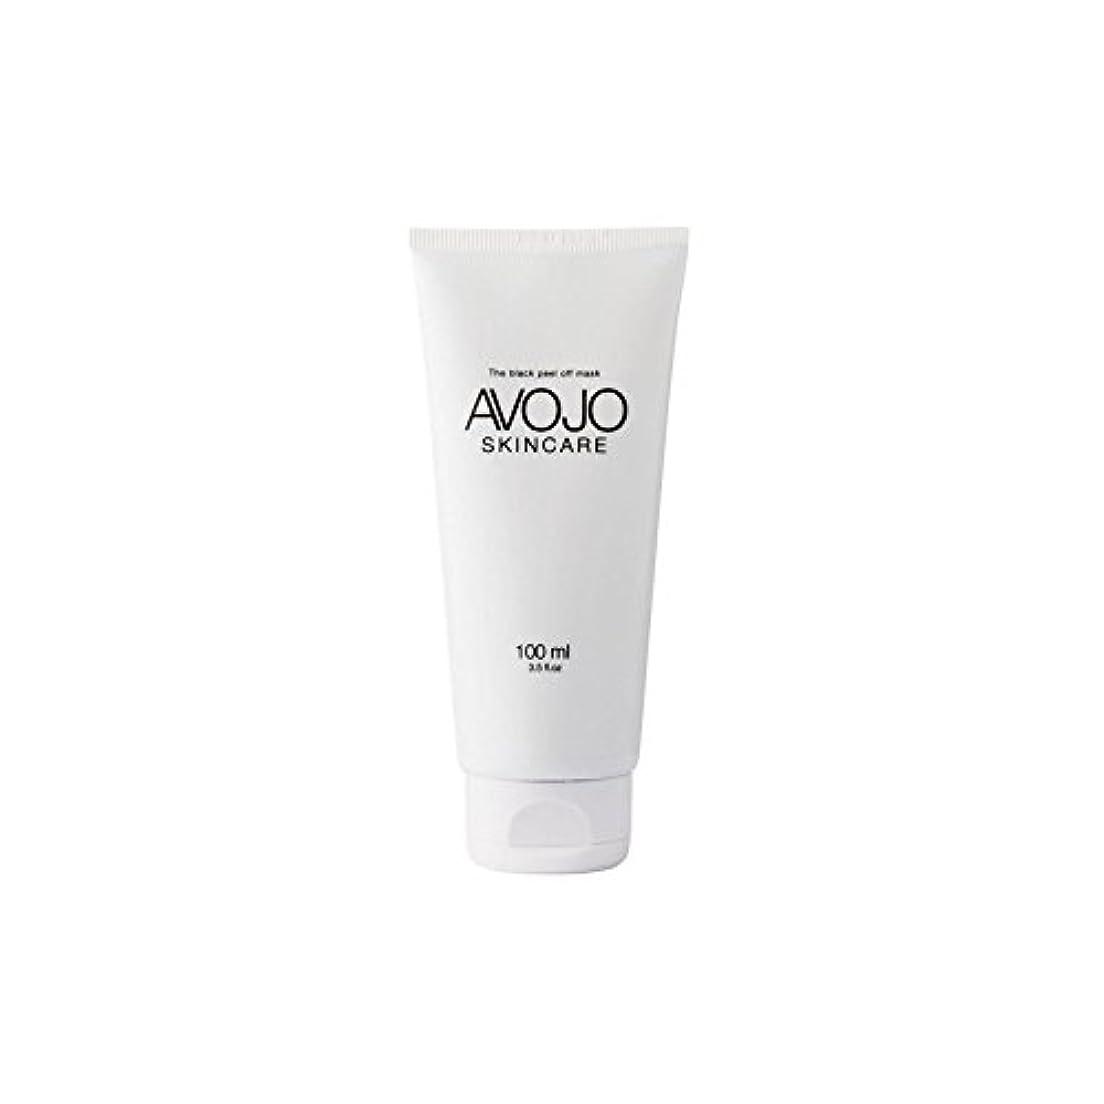 み推測バッチ- 黒皮オフマスク - (ボトル100ミリリットル) x4 - Avojo - The Black Peel Off Mask - (Bottle 100ml) (Pack of 4) [並行輸入品]